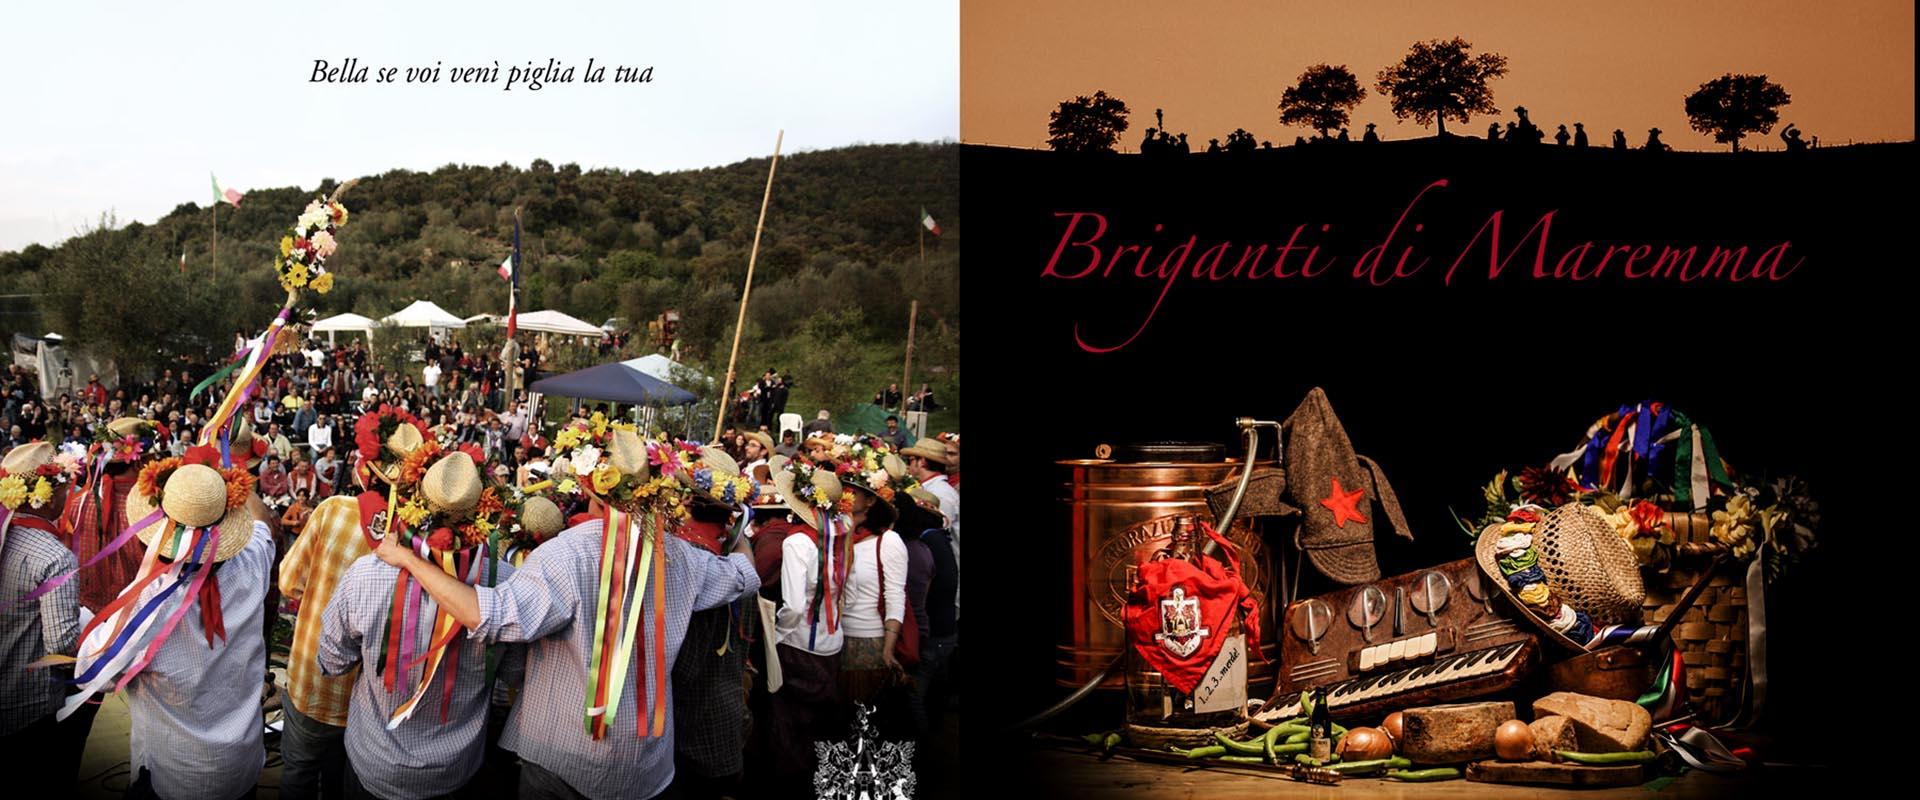 aironic_ugo-capparelli_comunicazione_cd_packaging_briganti_marmema